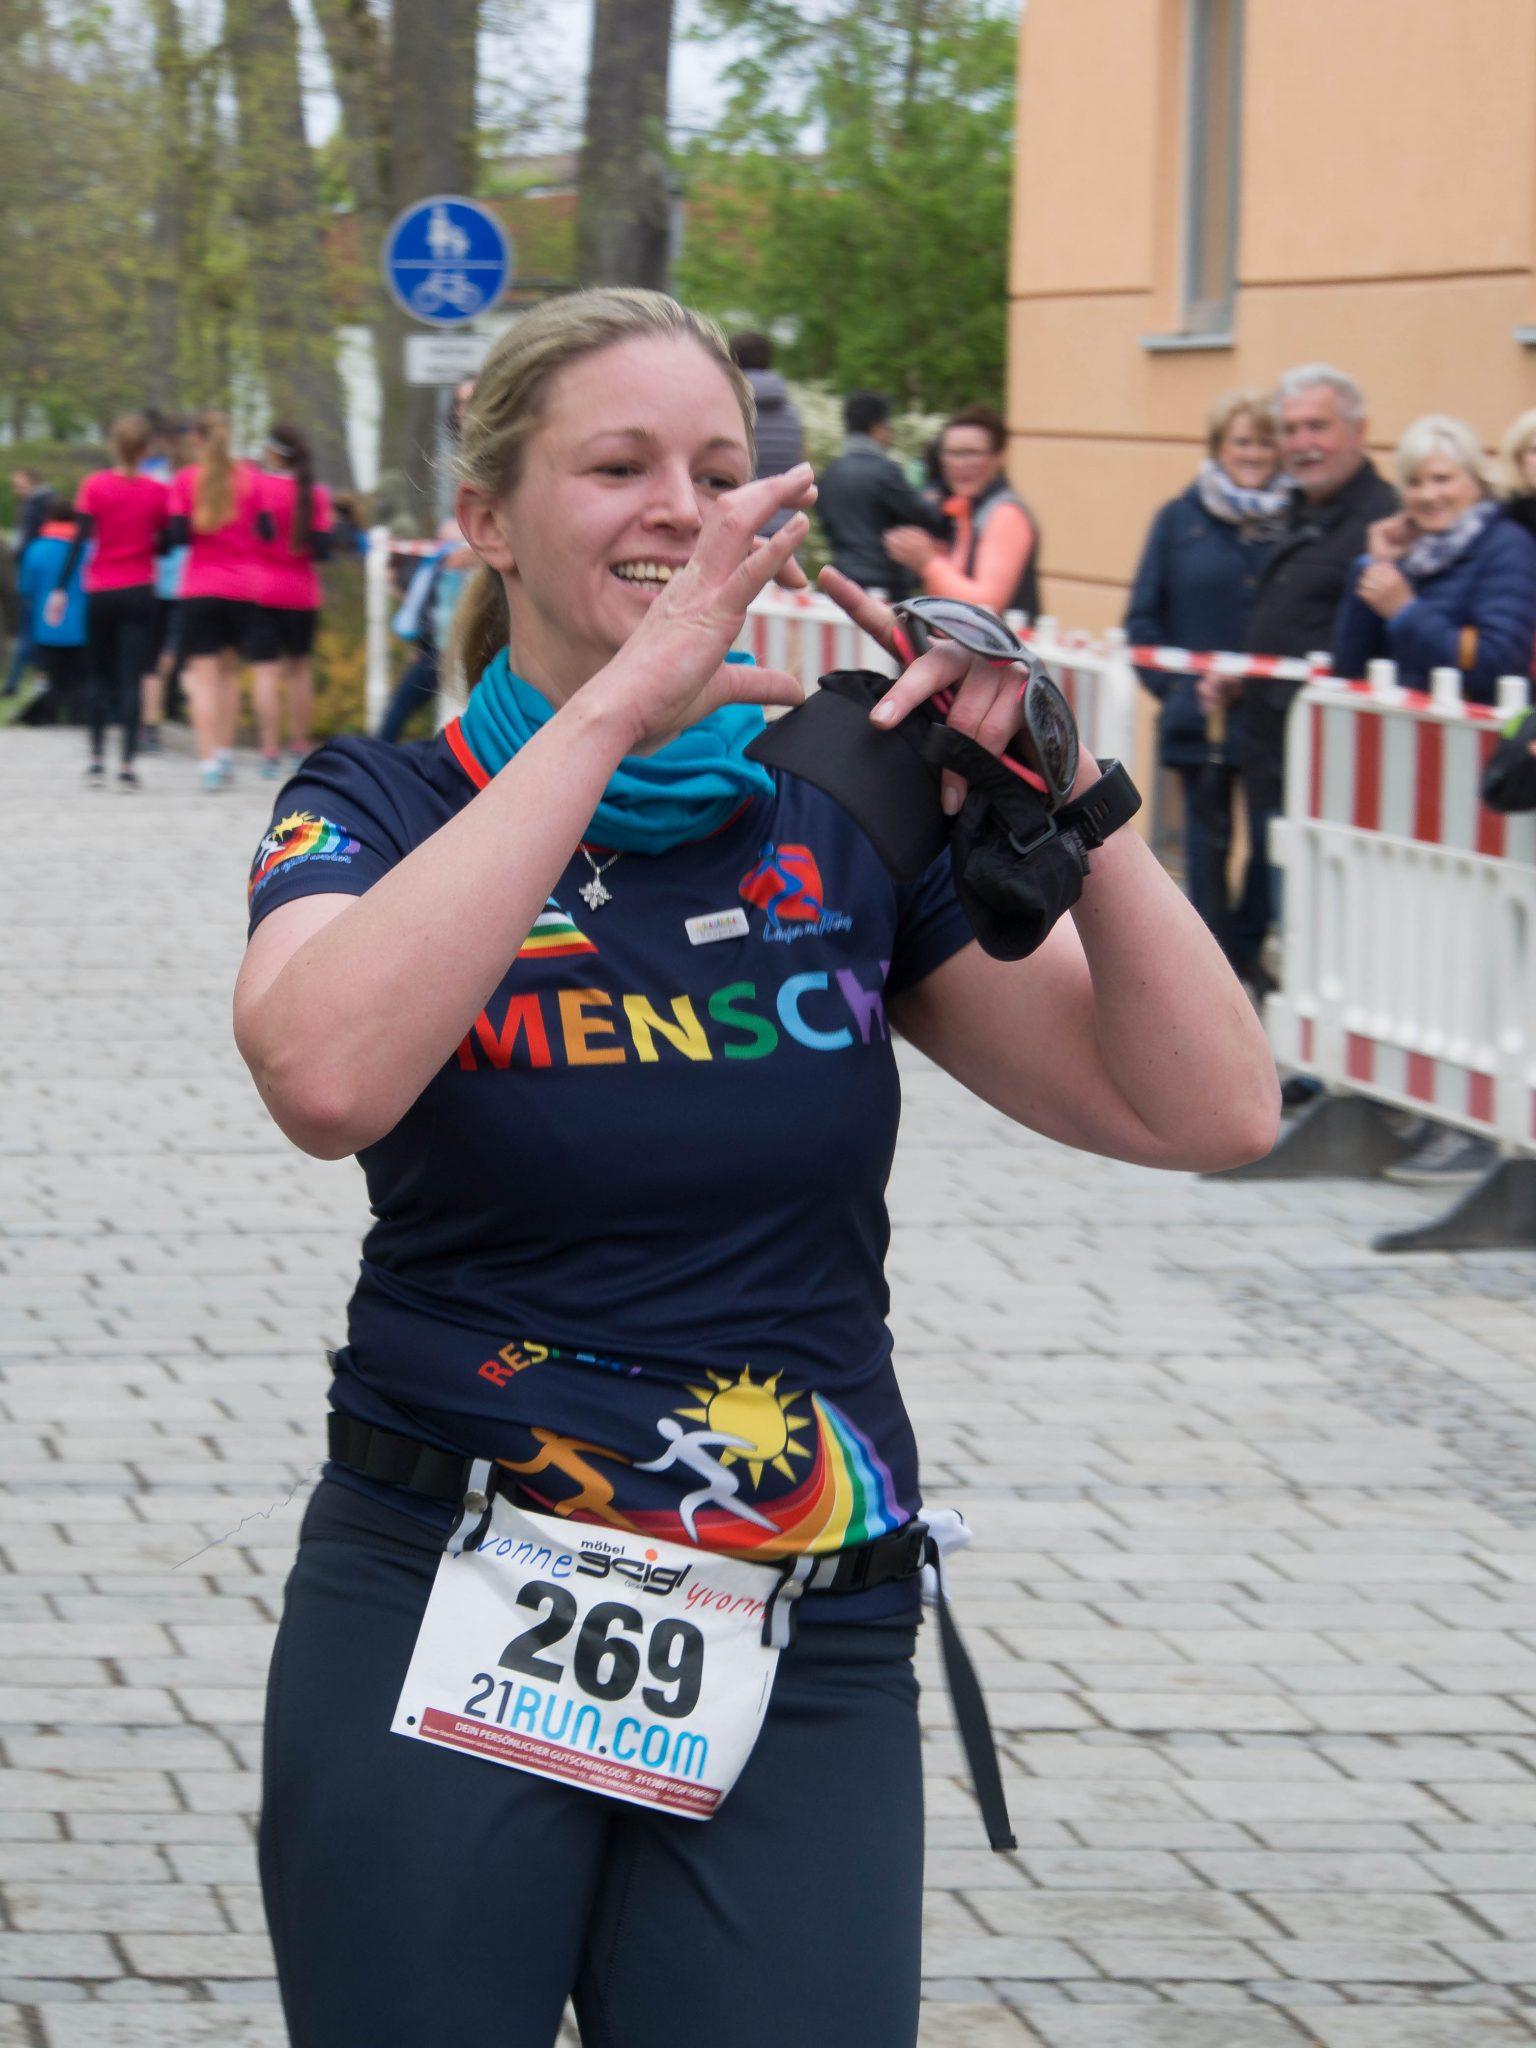 Yvonne Wibmer - Naabtallauf 2017